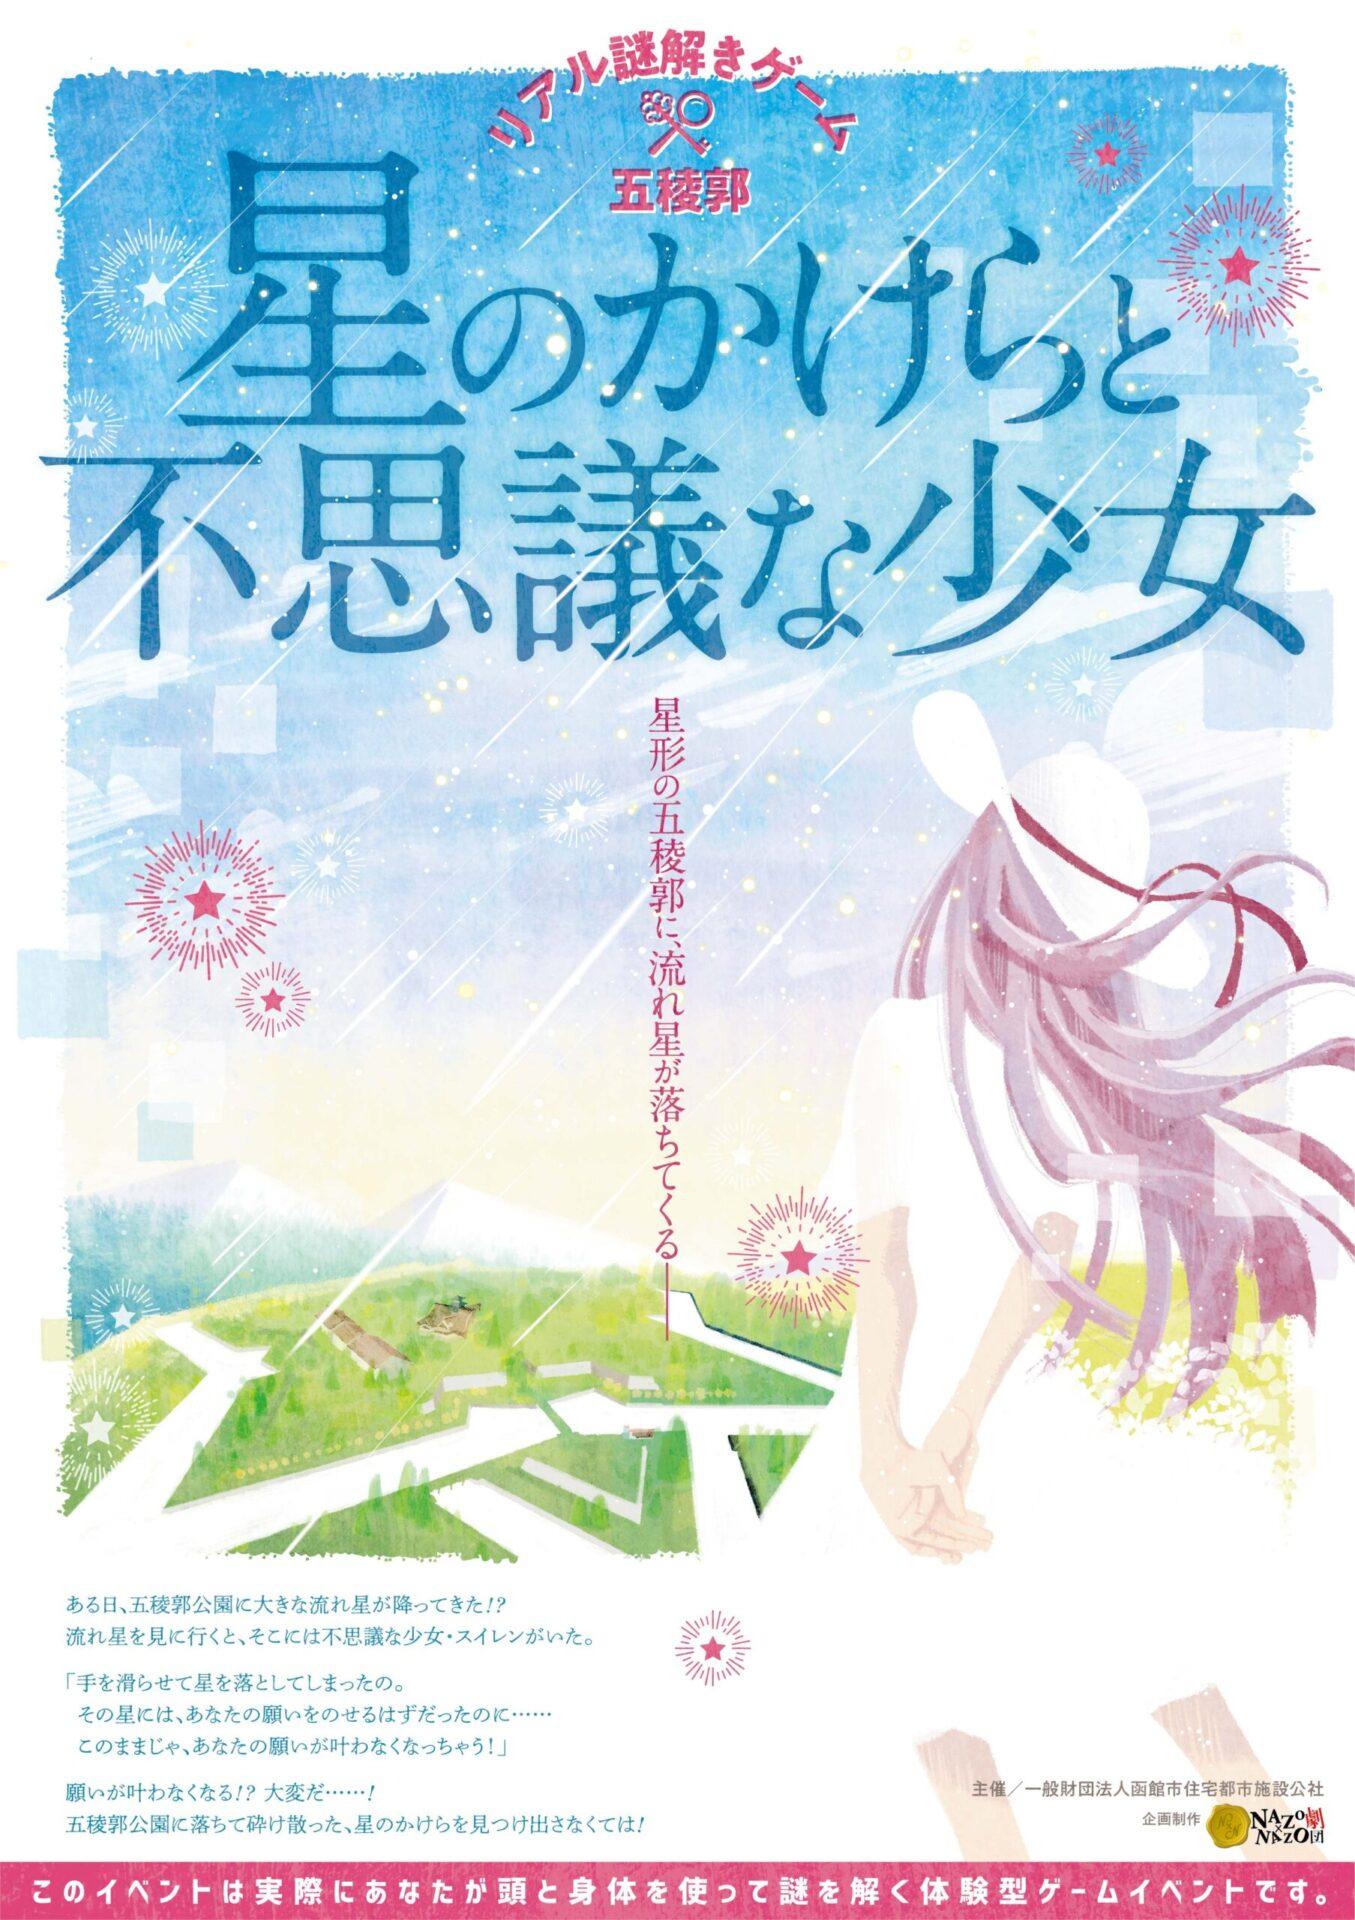 リアル謎解きゲーム「星のかけらと不思議な少女」(北海道)